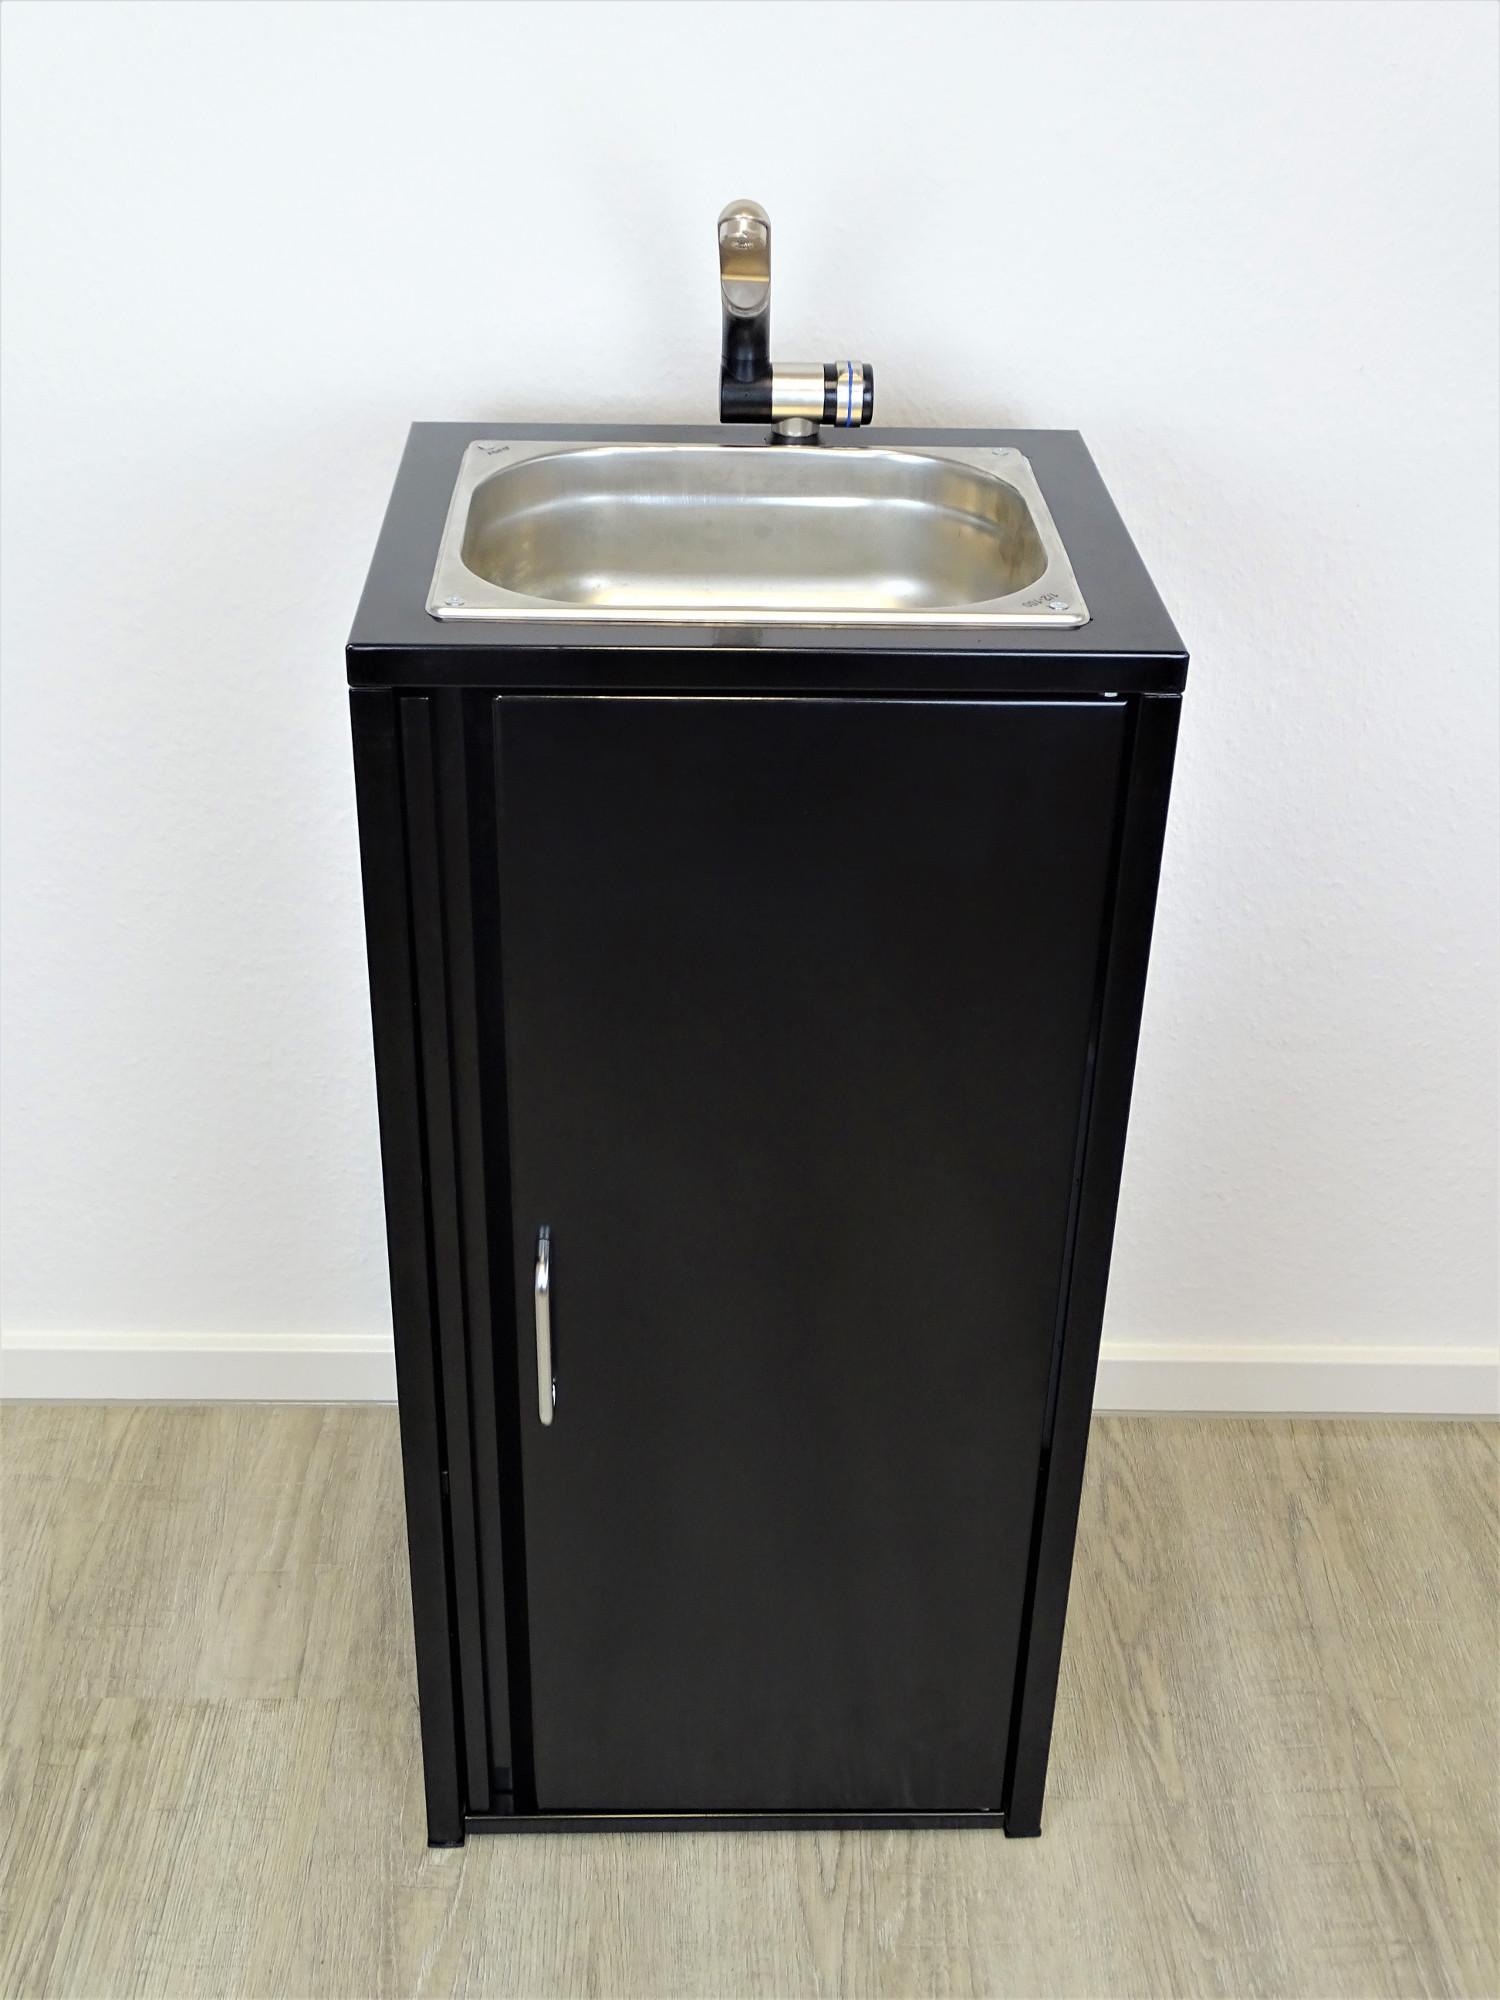 mobiles waschbecken edelstahl sp lbecken handwaschbecken camping schwarz ebay. Black Bedroom Furniture Sets. Home Design Ideas